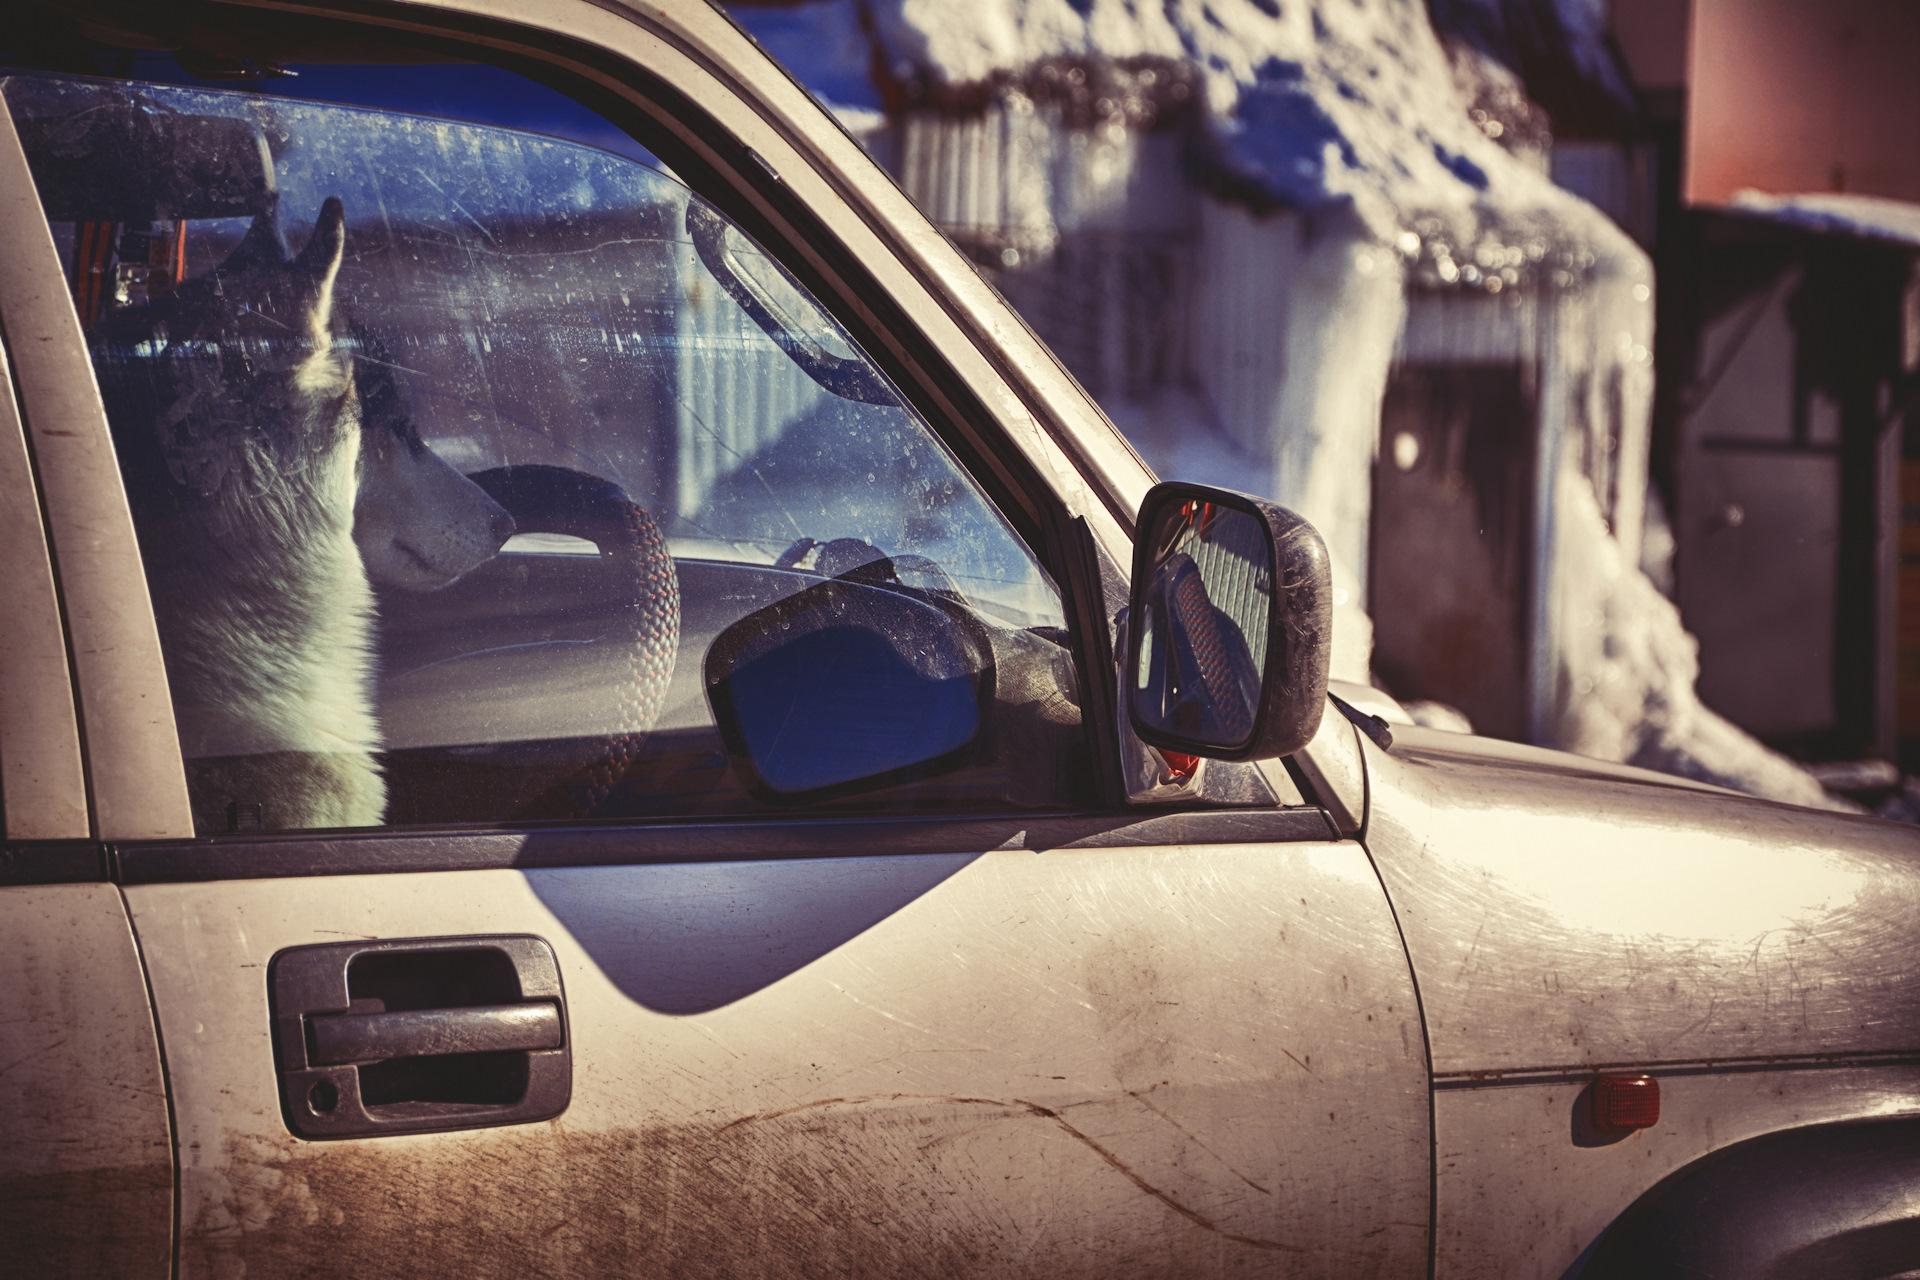 нашем картинка водитель всегда смотри по зеркалам для